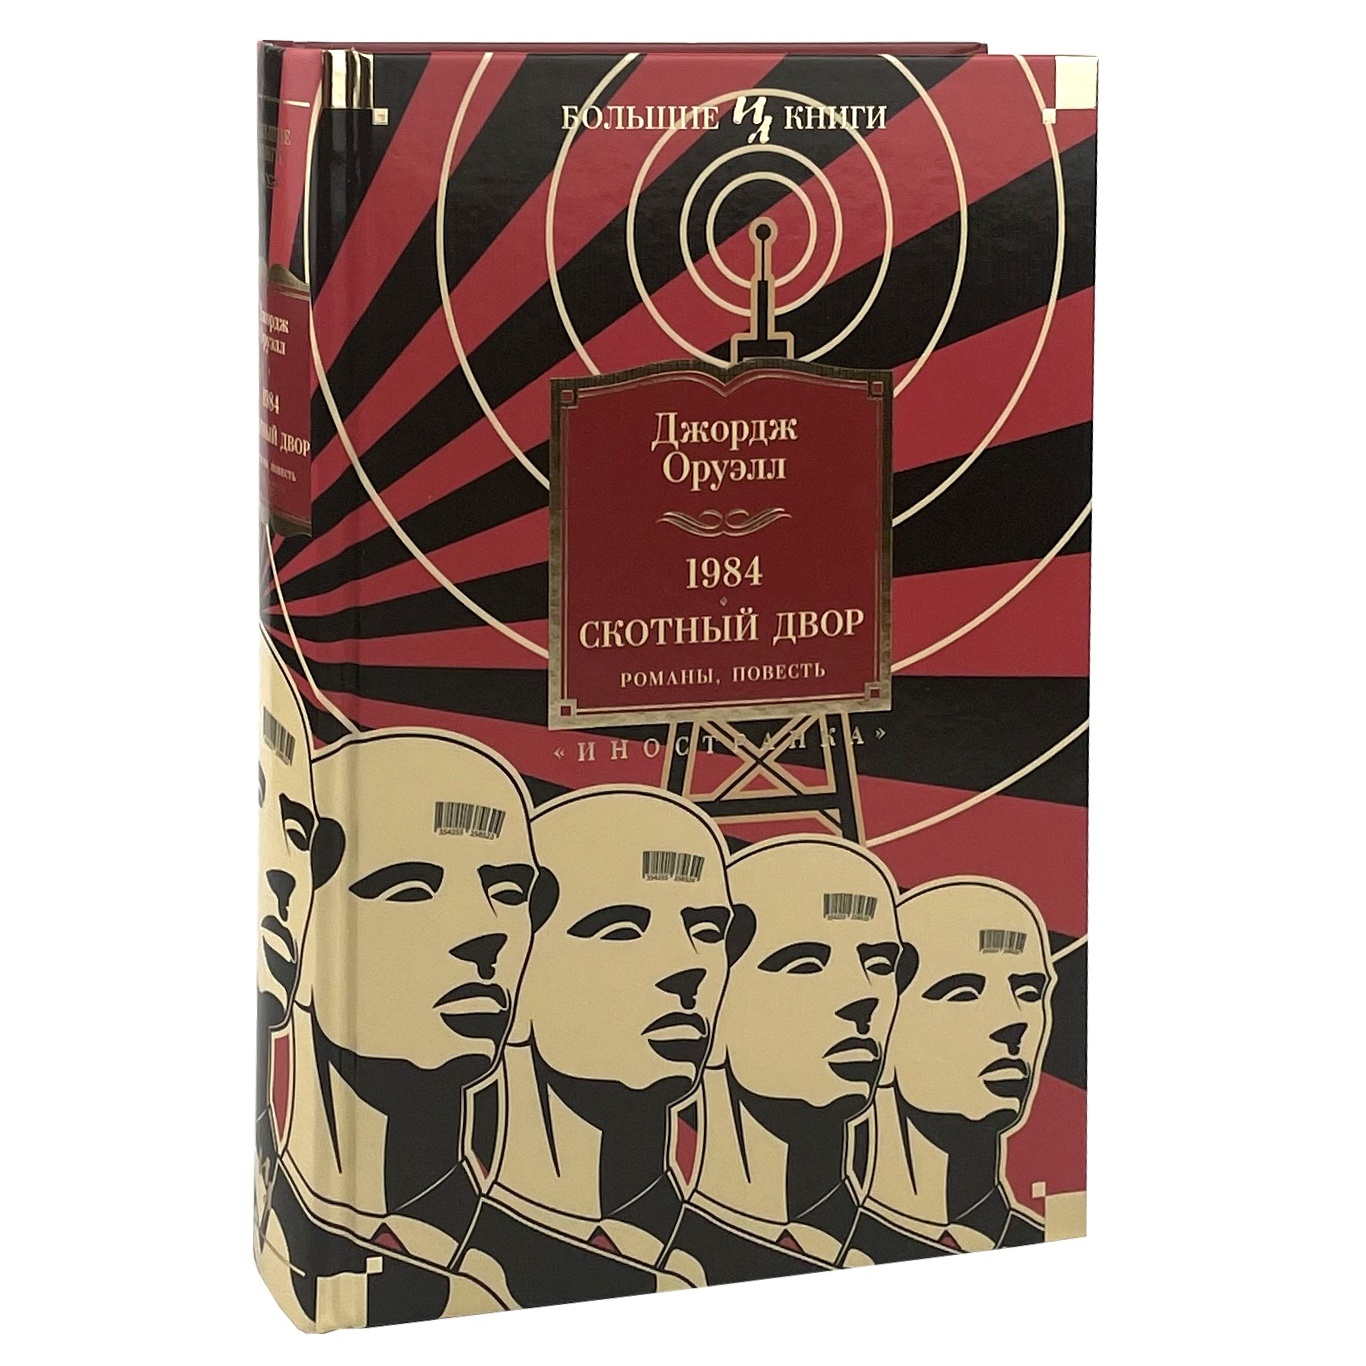 1984. Скотный Двор. Романы, повесть. Автор — Джордж Оруэлл. Переплет —